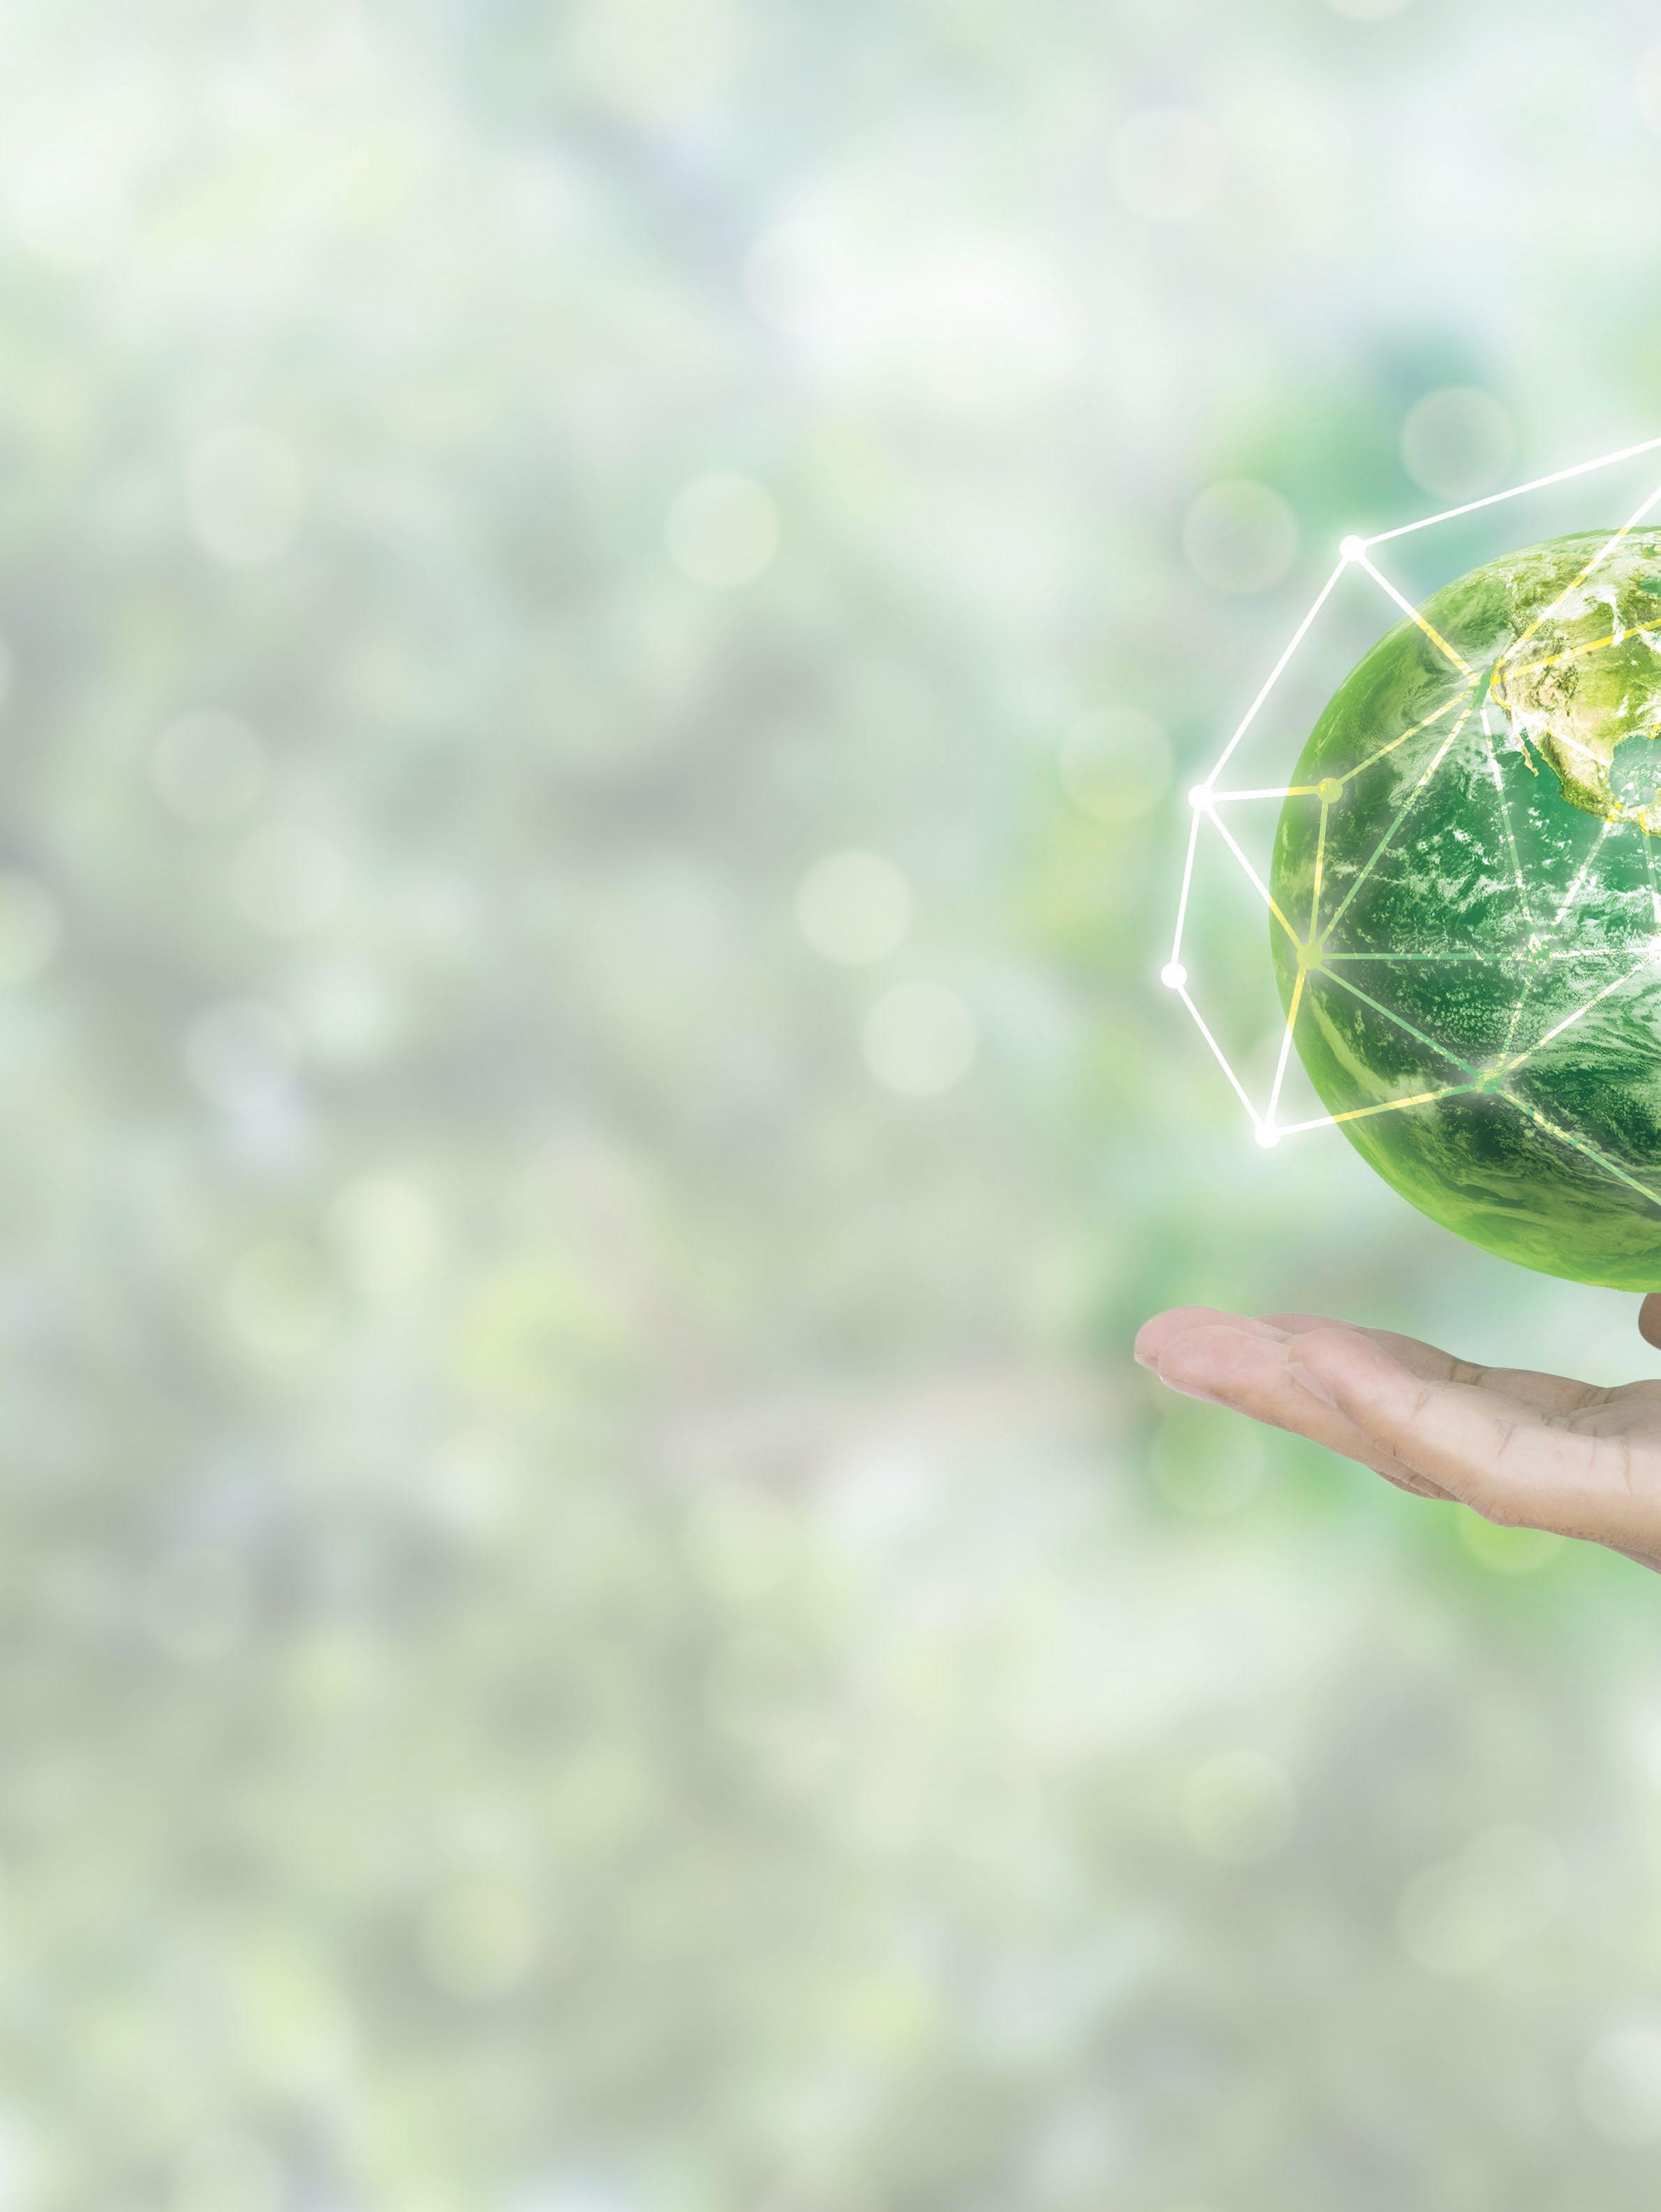 Page 6 of CAPA Governança e sustentabilidade estão fazendo a diferença nos negócios, e não apenas para grandes empresas. Pequenas e médias começam a incorporá-las em seus processos.